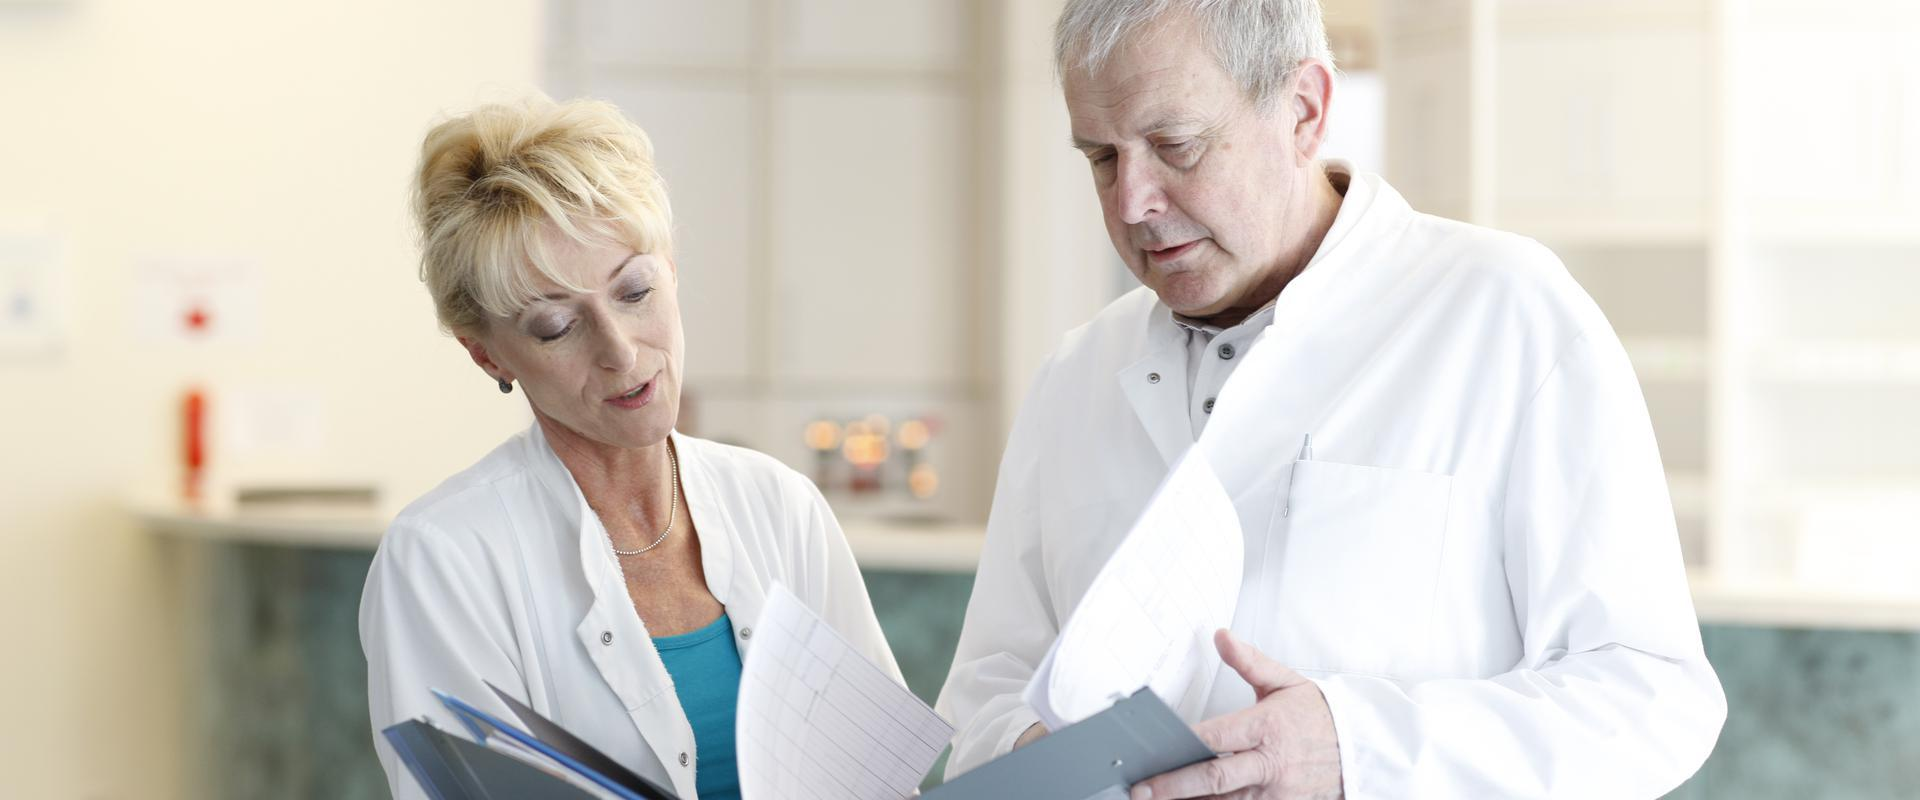 Ein Arzt und eine Ärztin studieren gemeinsam wichtige Dokumente in den MEDIAN Gesundheitsdienste Koblenz